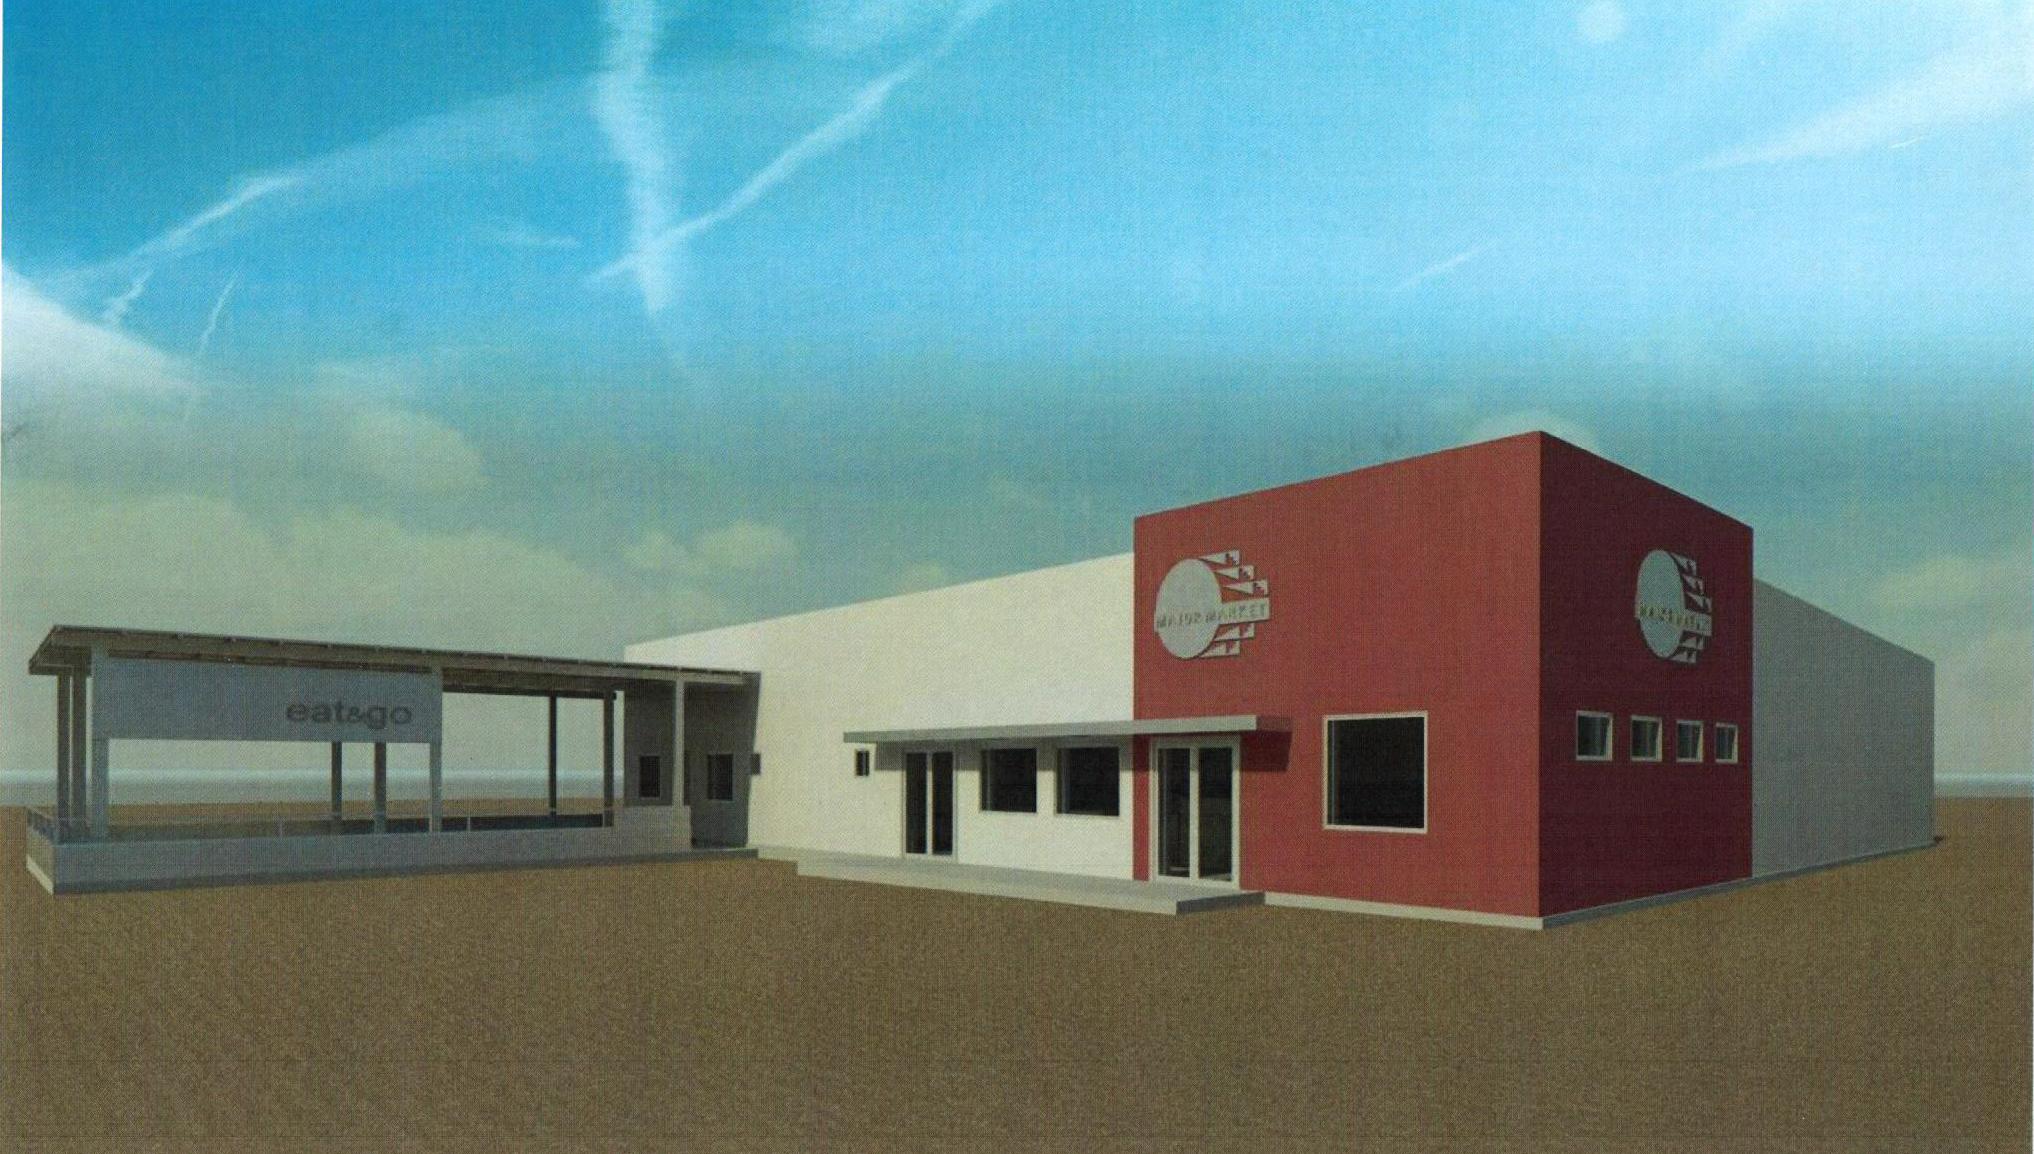 Proposed design for Major Market